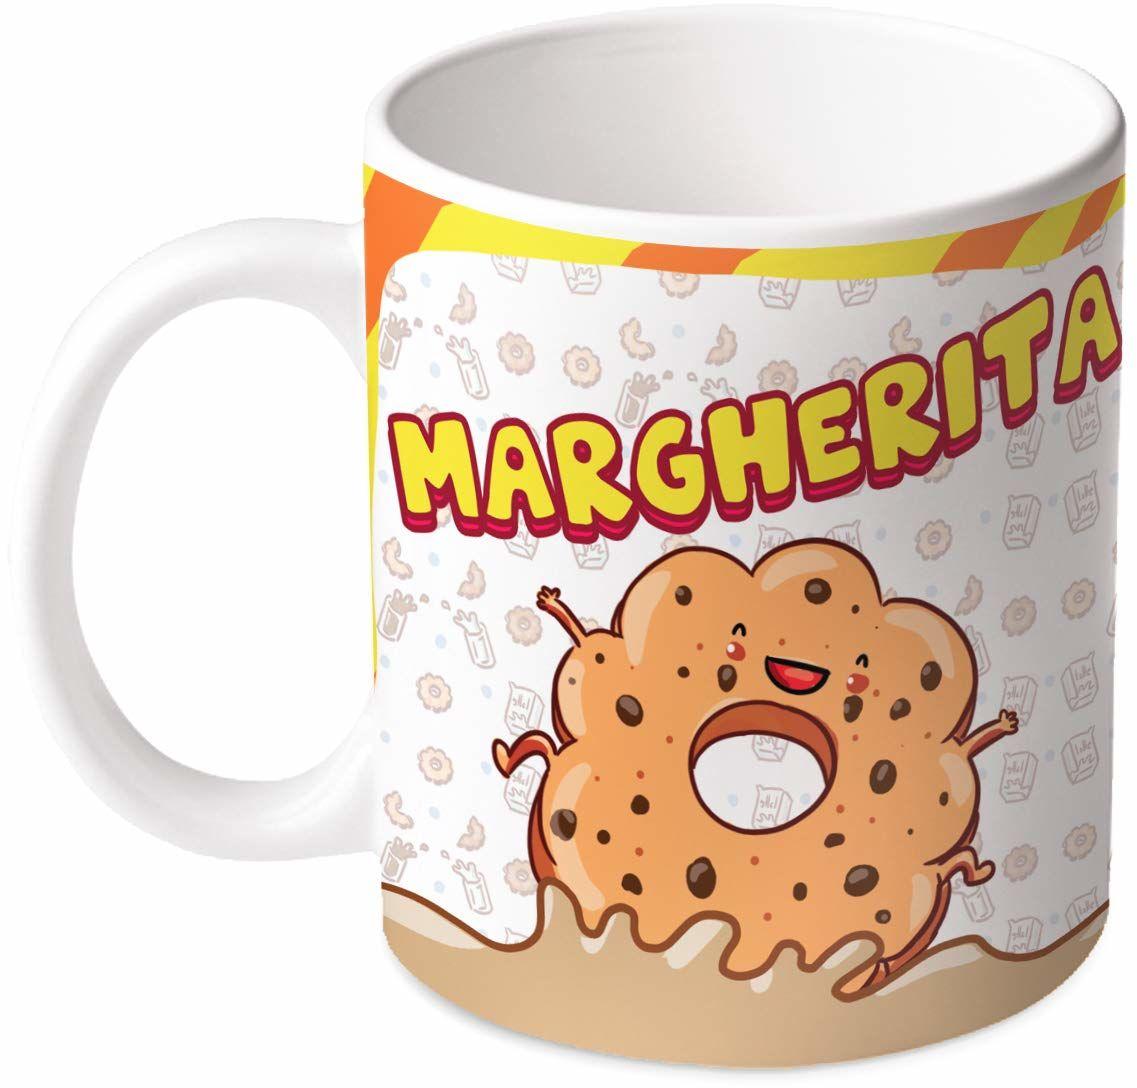 M.M. Group Filiżanka z imieniem i znaczeniem Margherita, 30 ml, ceramika, wielokolorowa